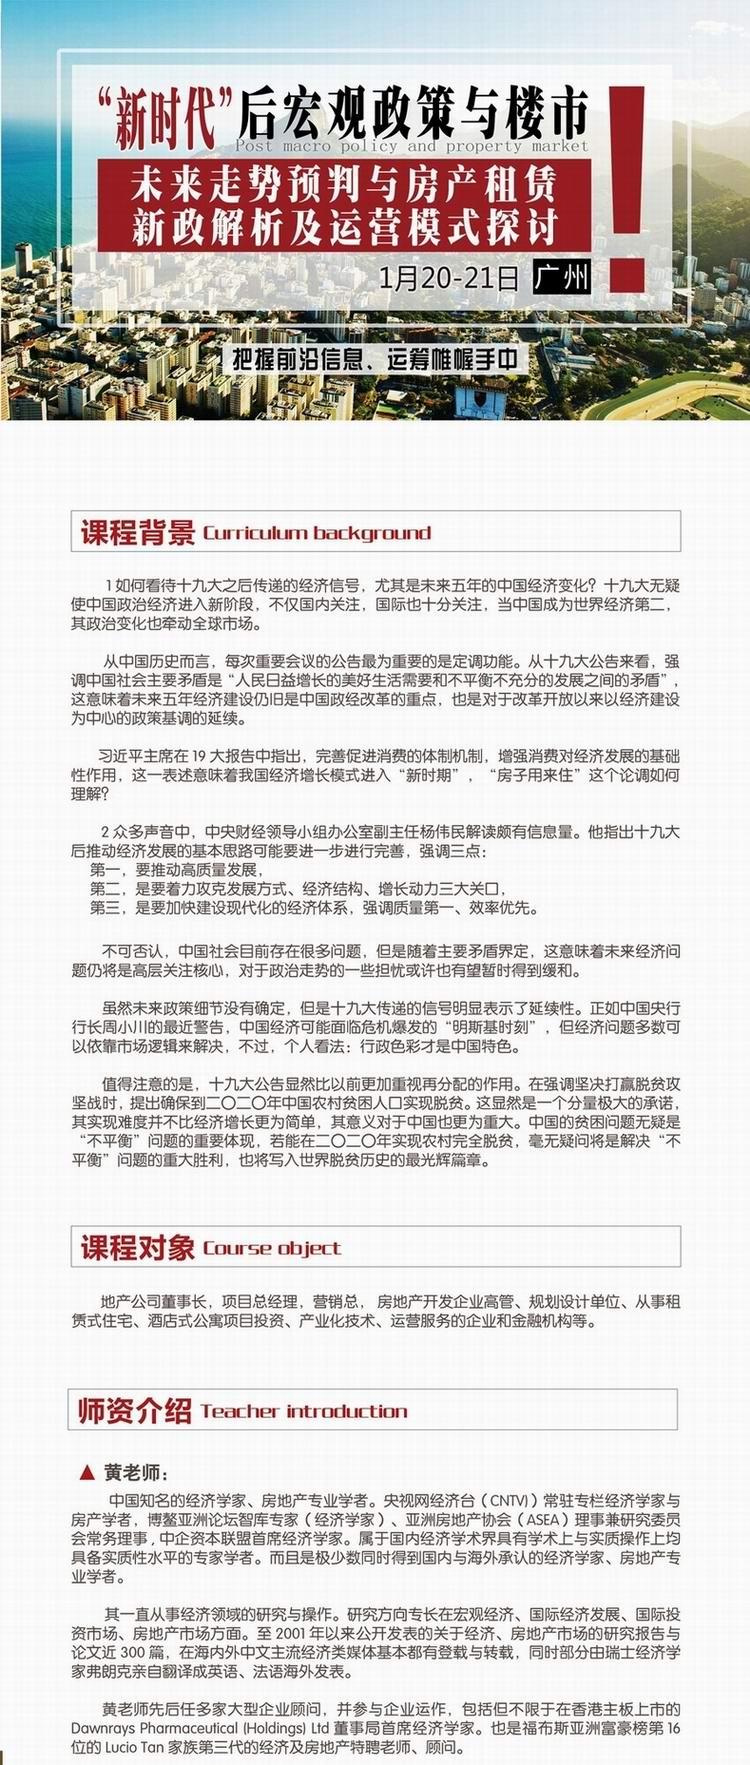 """1月20-21日【广州】《""""新时代""""后宏观政策与楼市未来走势预判与房产租赁新政解析及运营模式探讨》"""